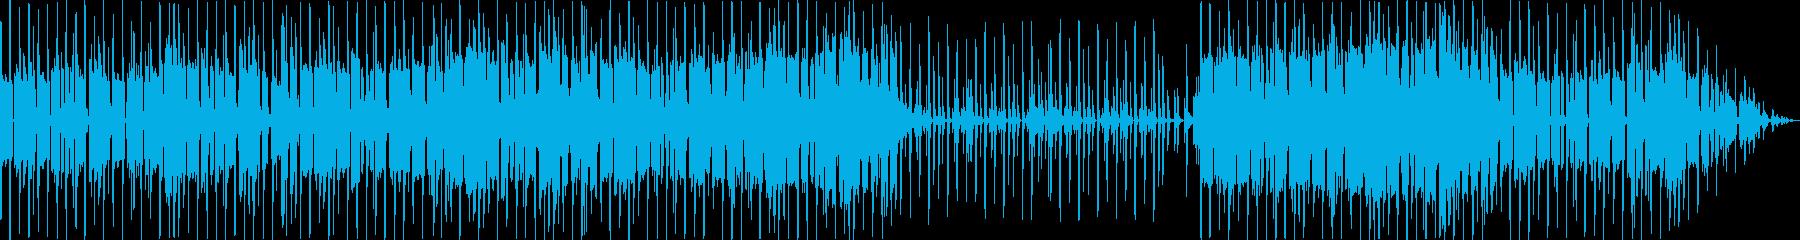 エレクトロニカで怪しげなBGMの再生済みの波形